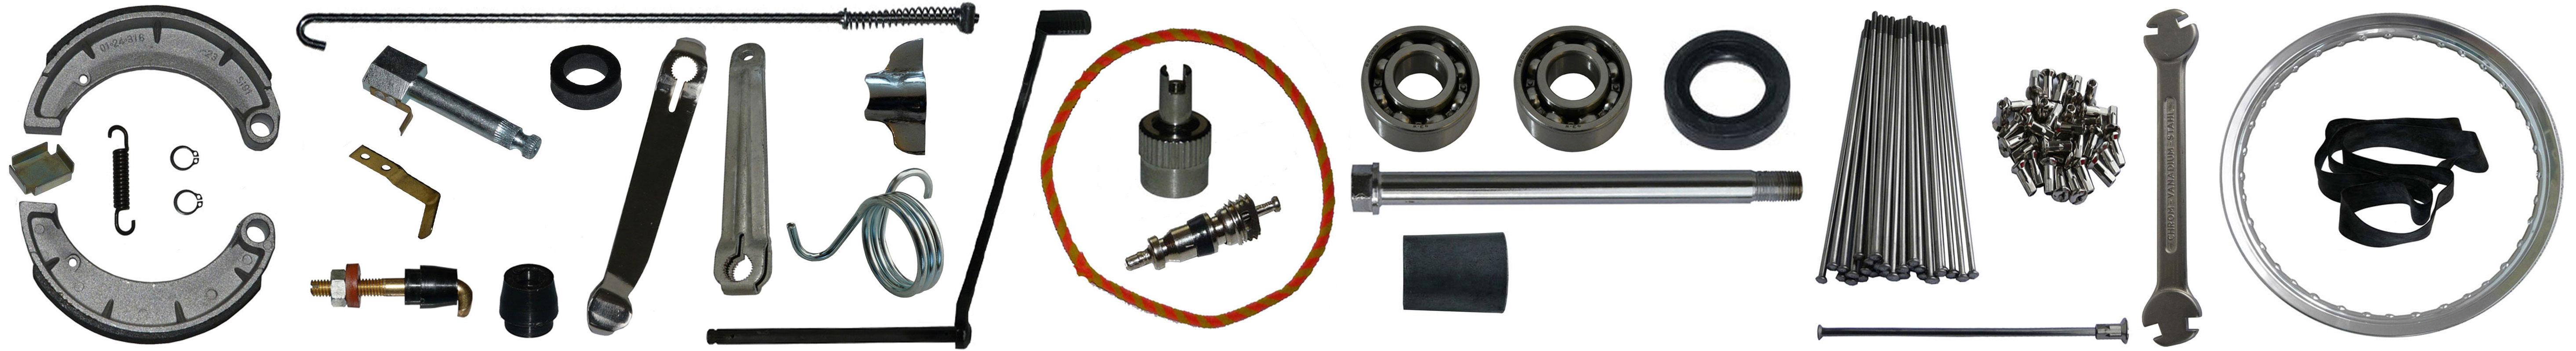 MZ ES 175 250 Ersatzteile Hinterrad Bremse